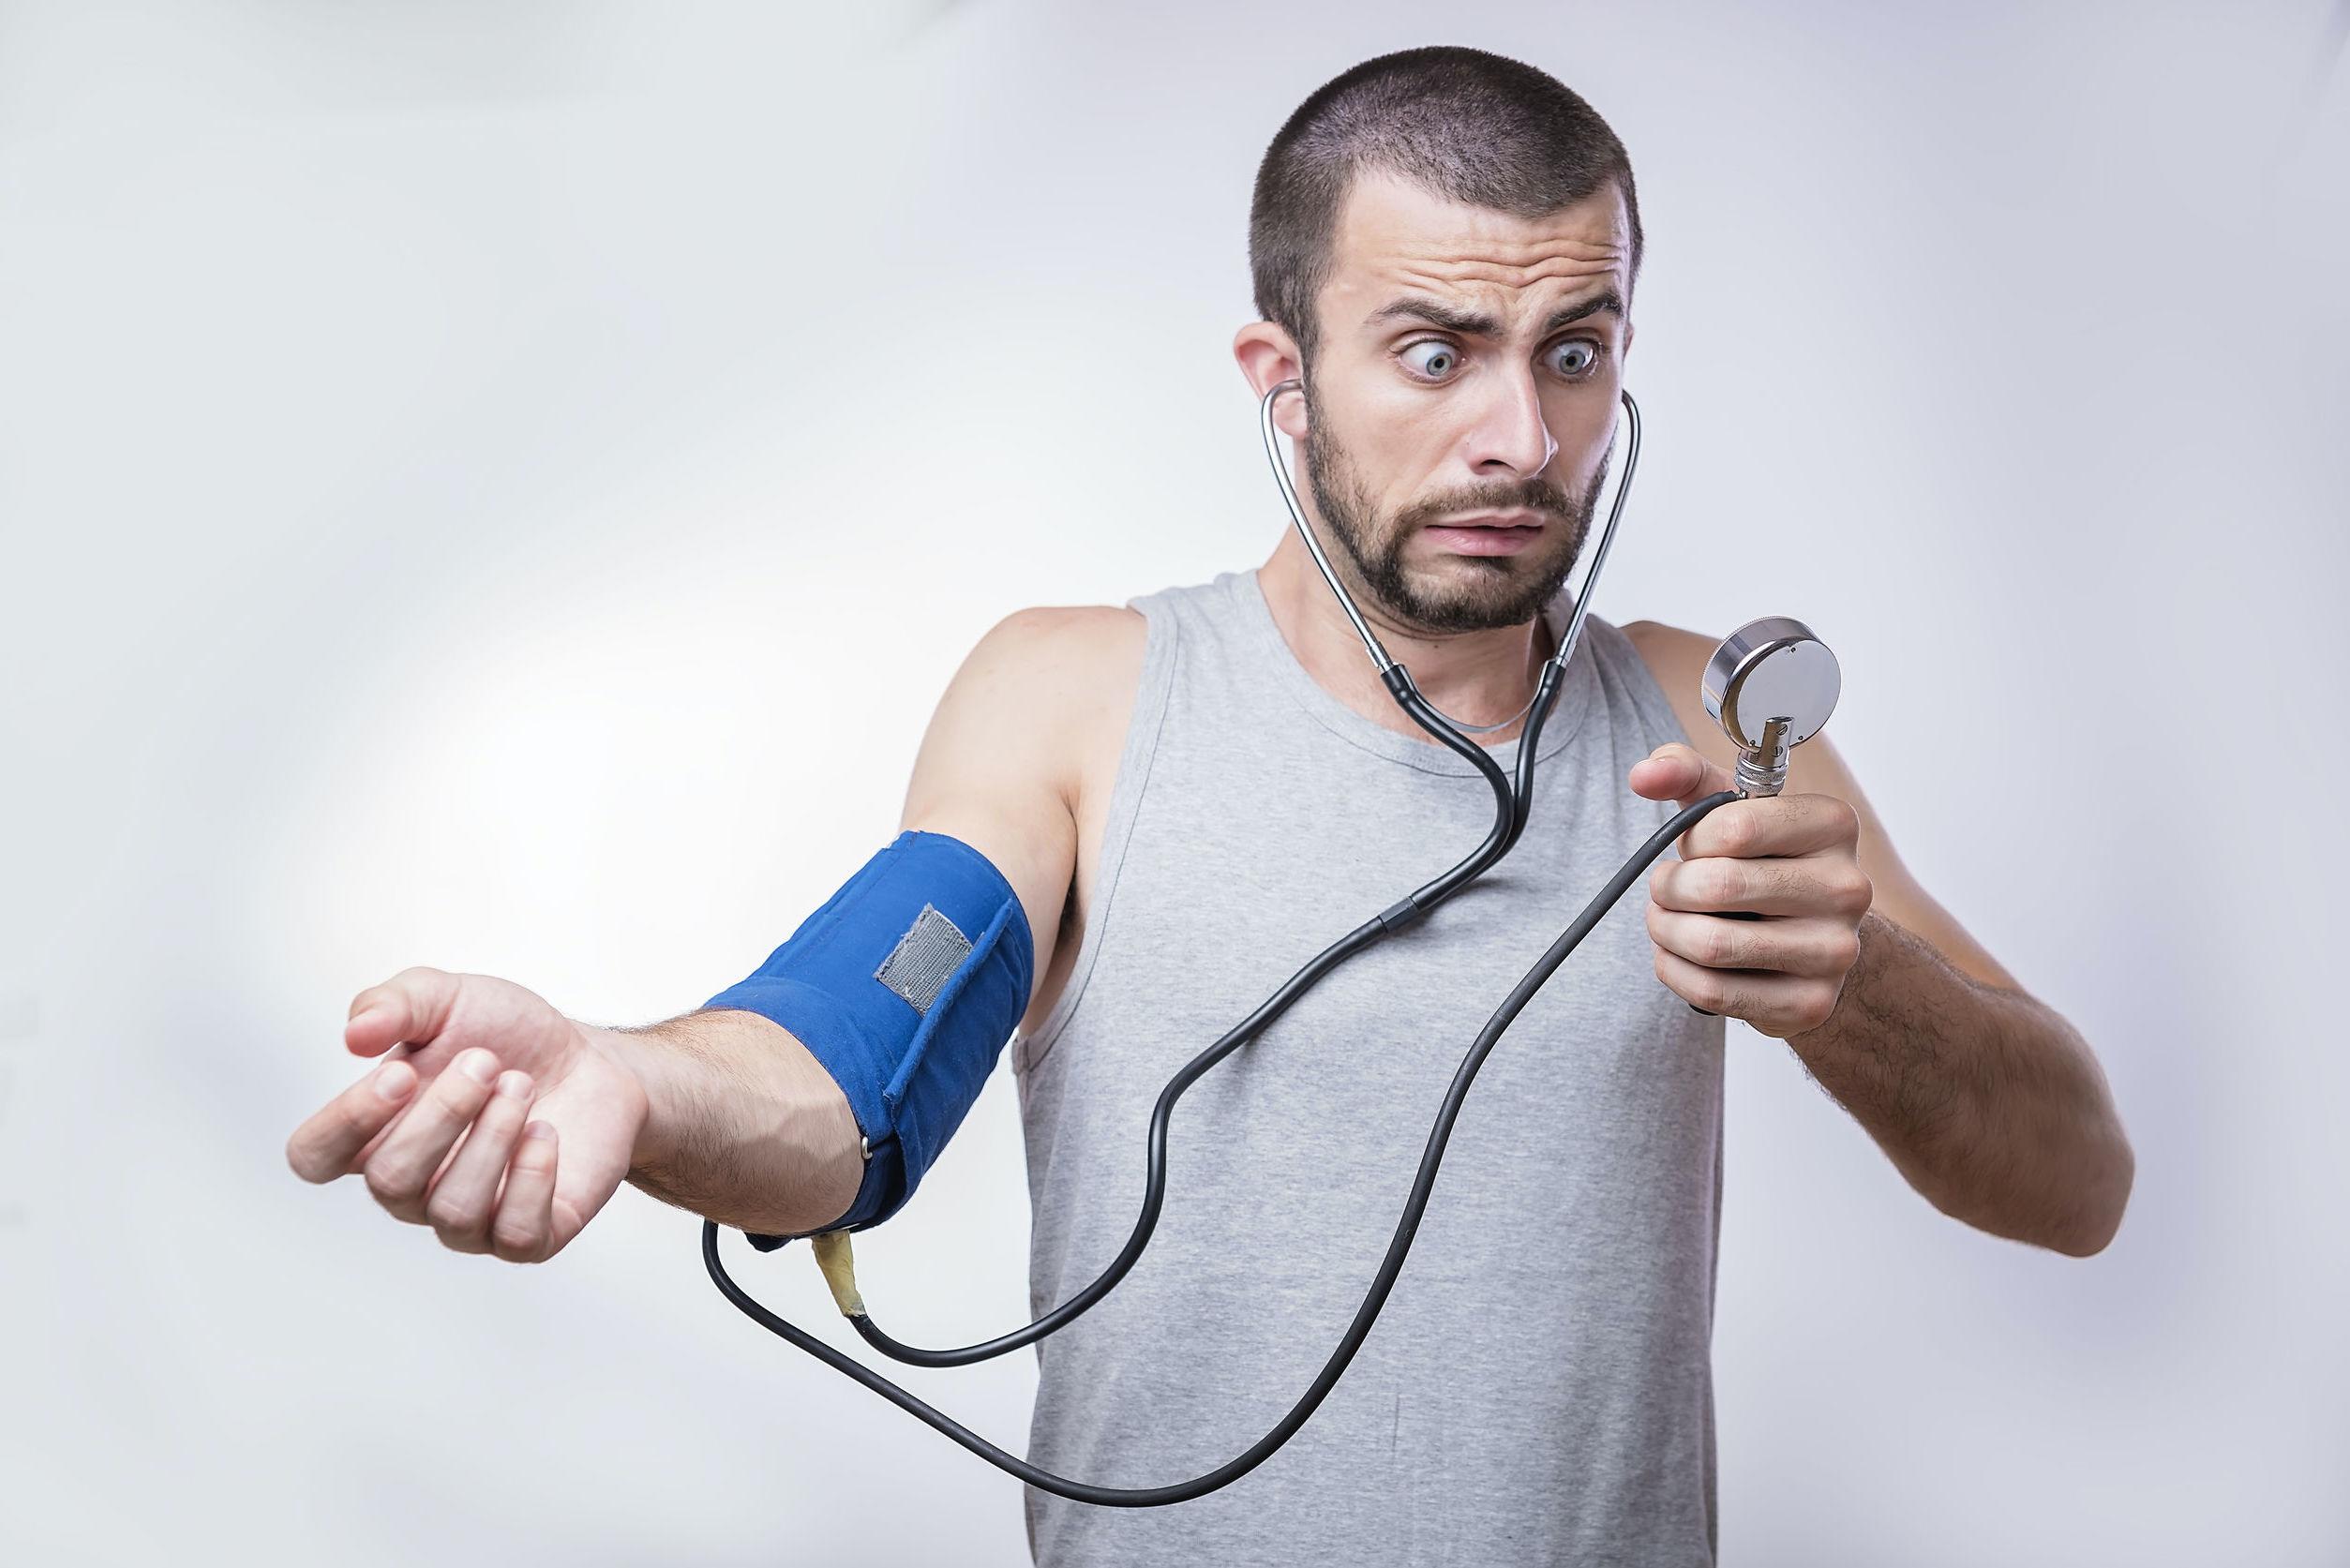 magas vérnyomás fizikai munka magas vérnyomás gyógyszer hírek